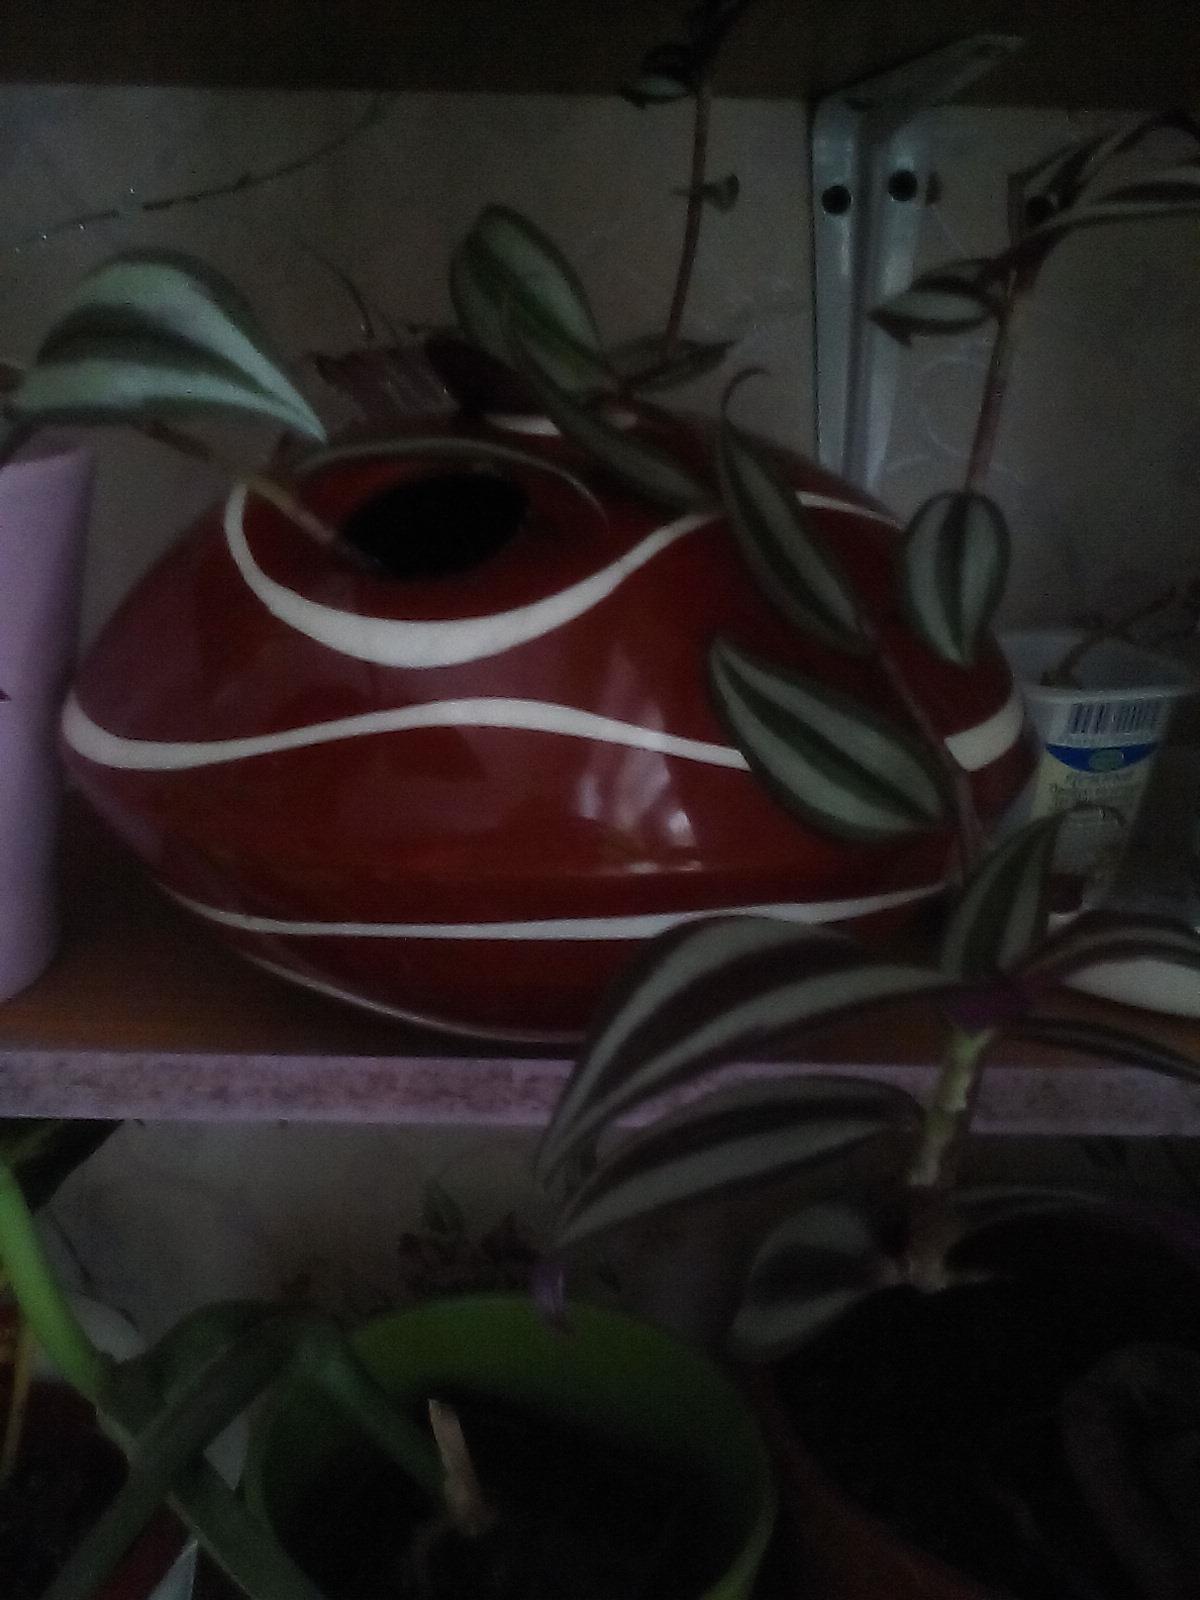 Традесканция Зебрина в овальной вазе. Растения комнатные